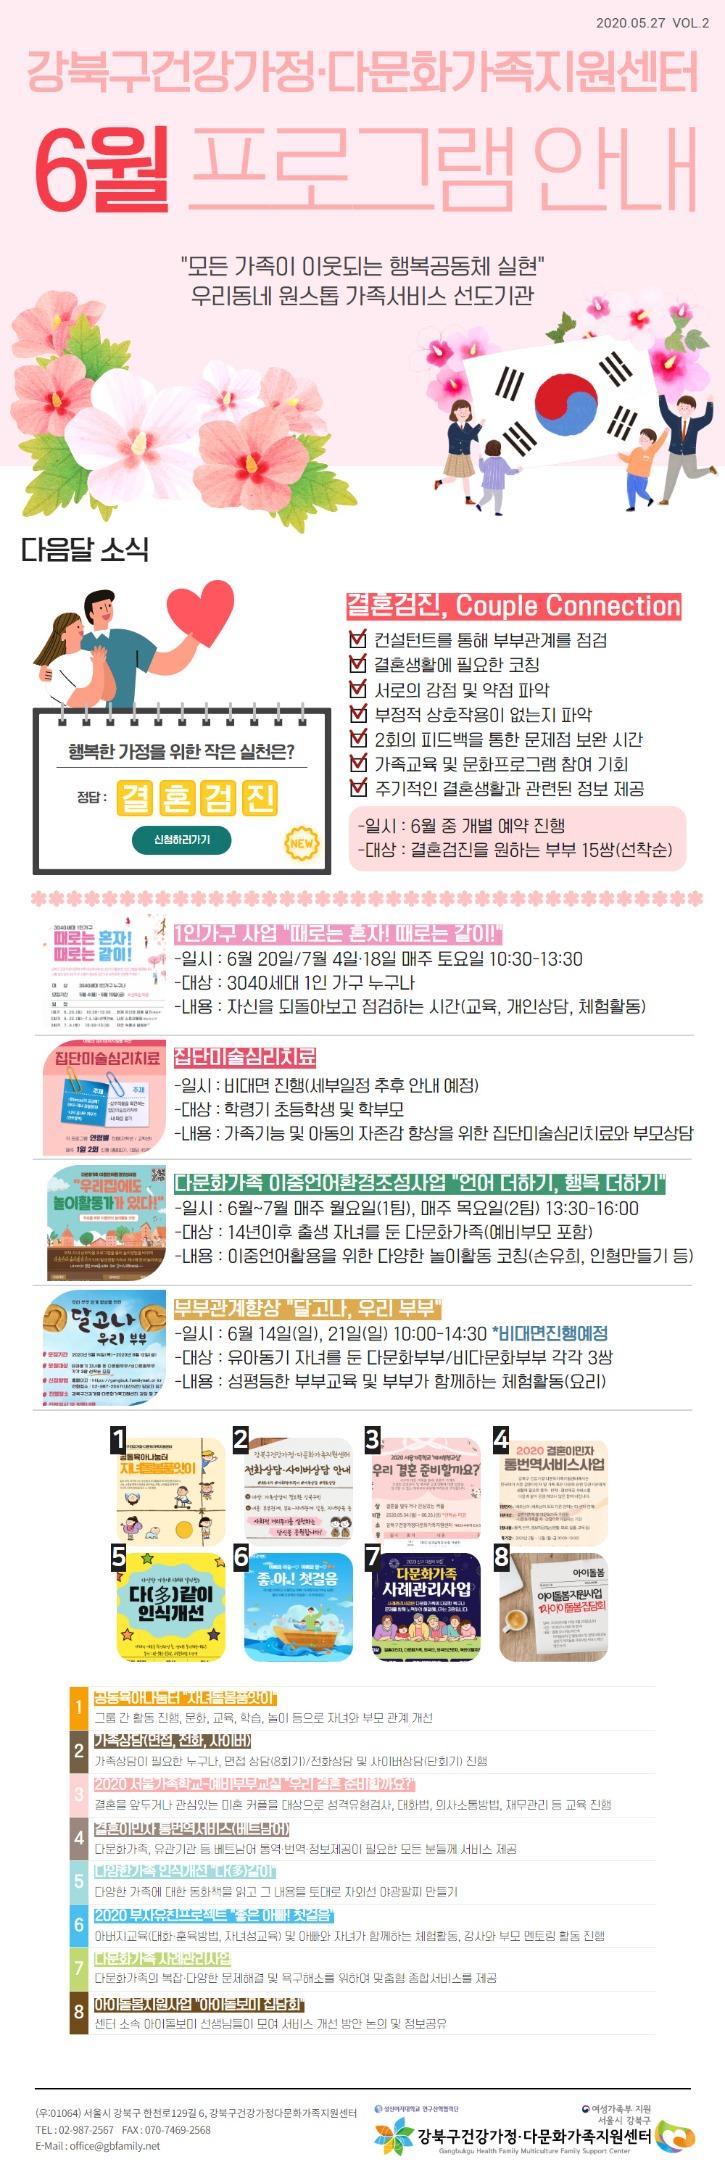 강북구건강가정·다문화가족지원센터_6월프로그램안내.jpg